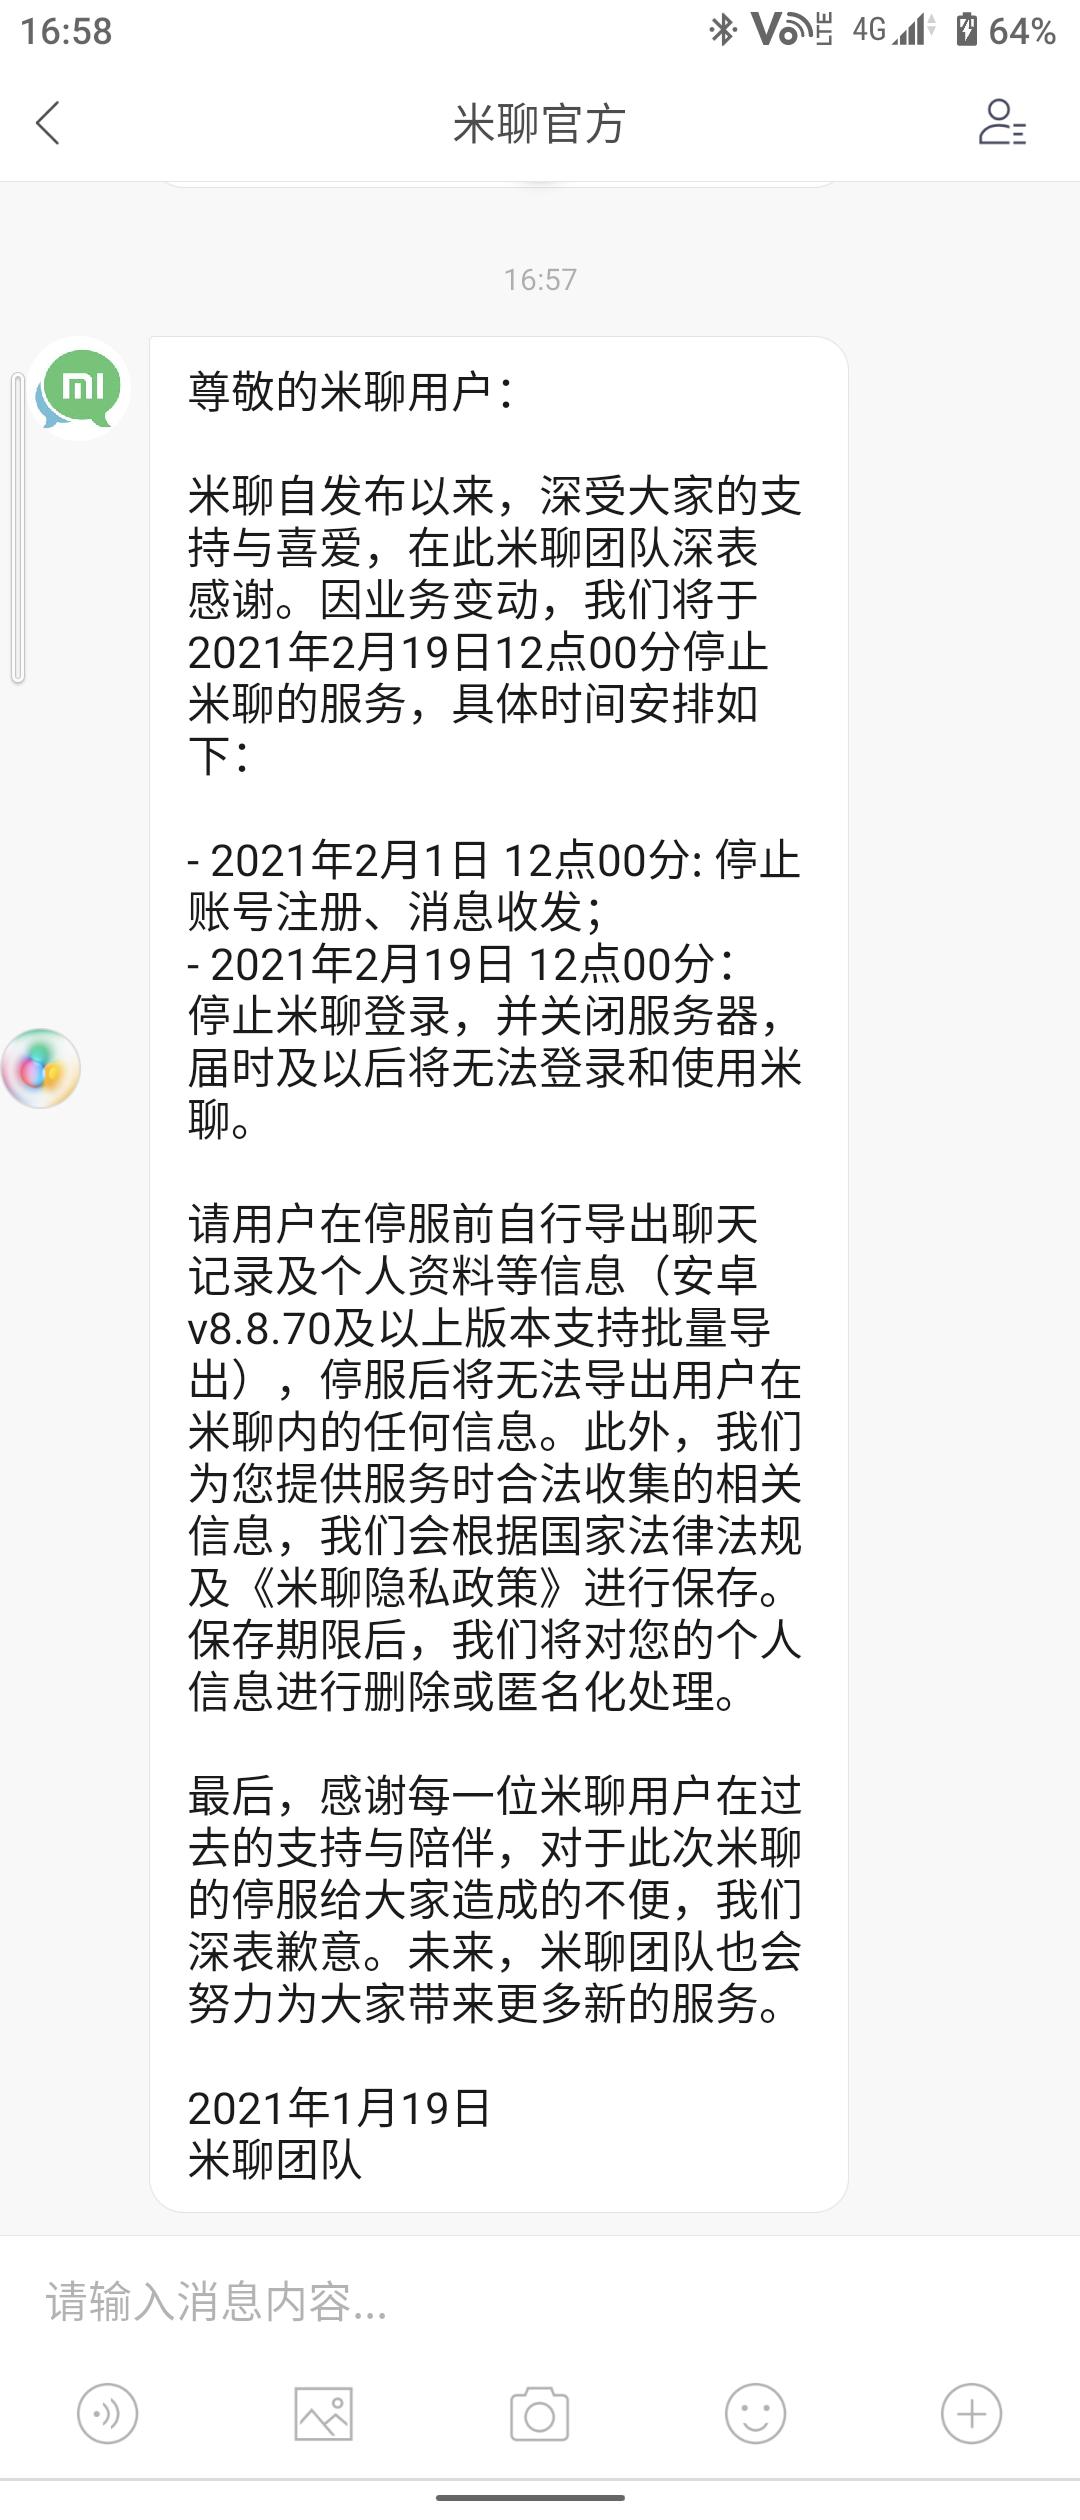 微信图片_20210119170643.png